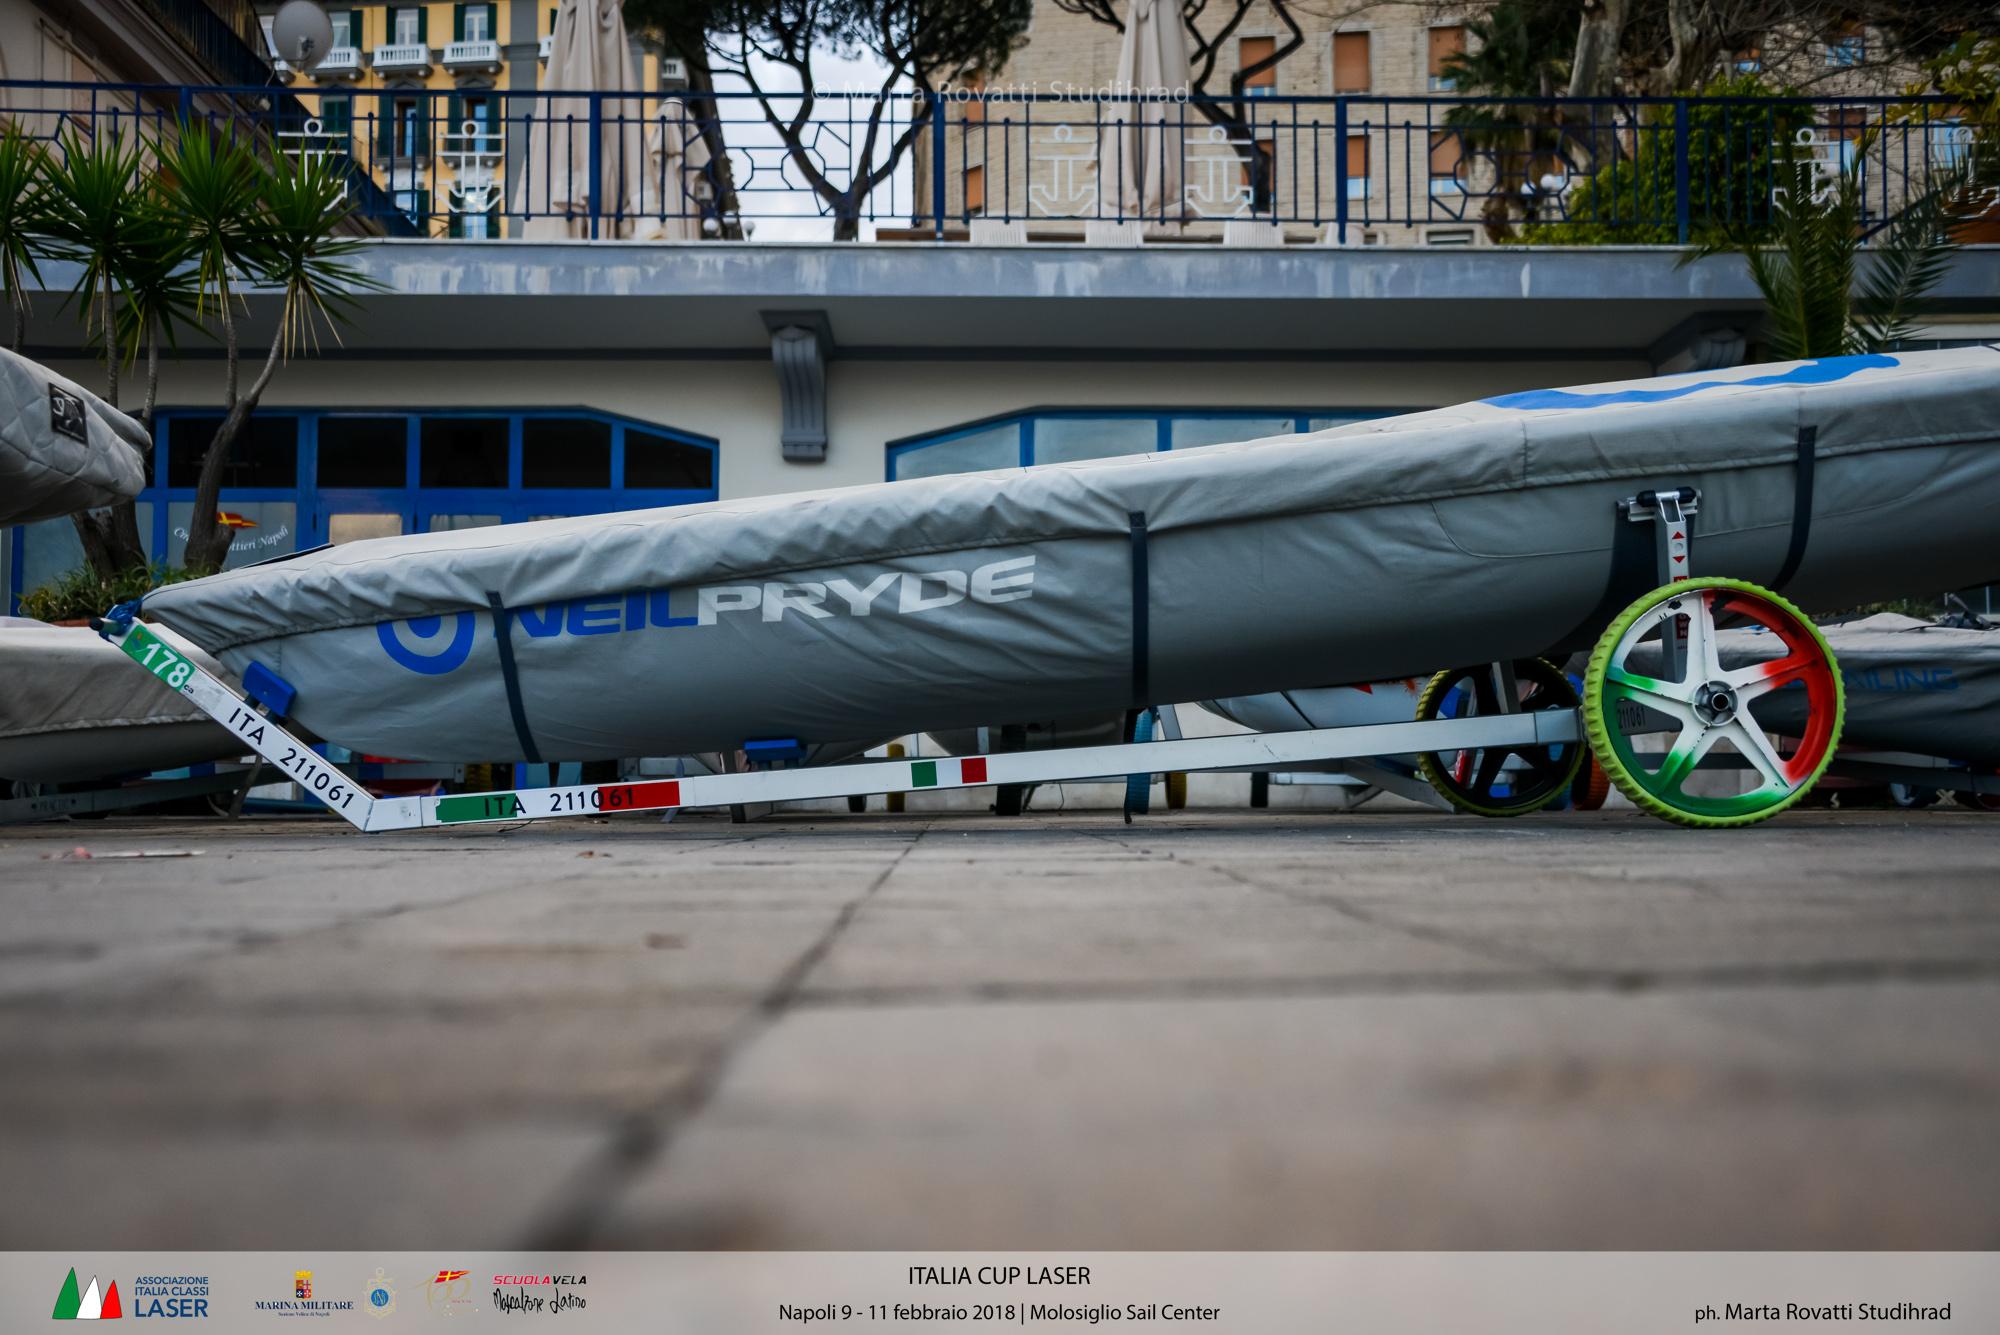 Associazione-Italia-Classi-Laser-2018-NapoliMGR_9179